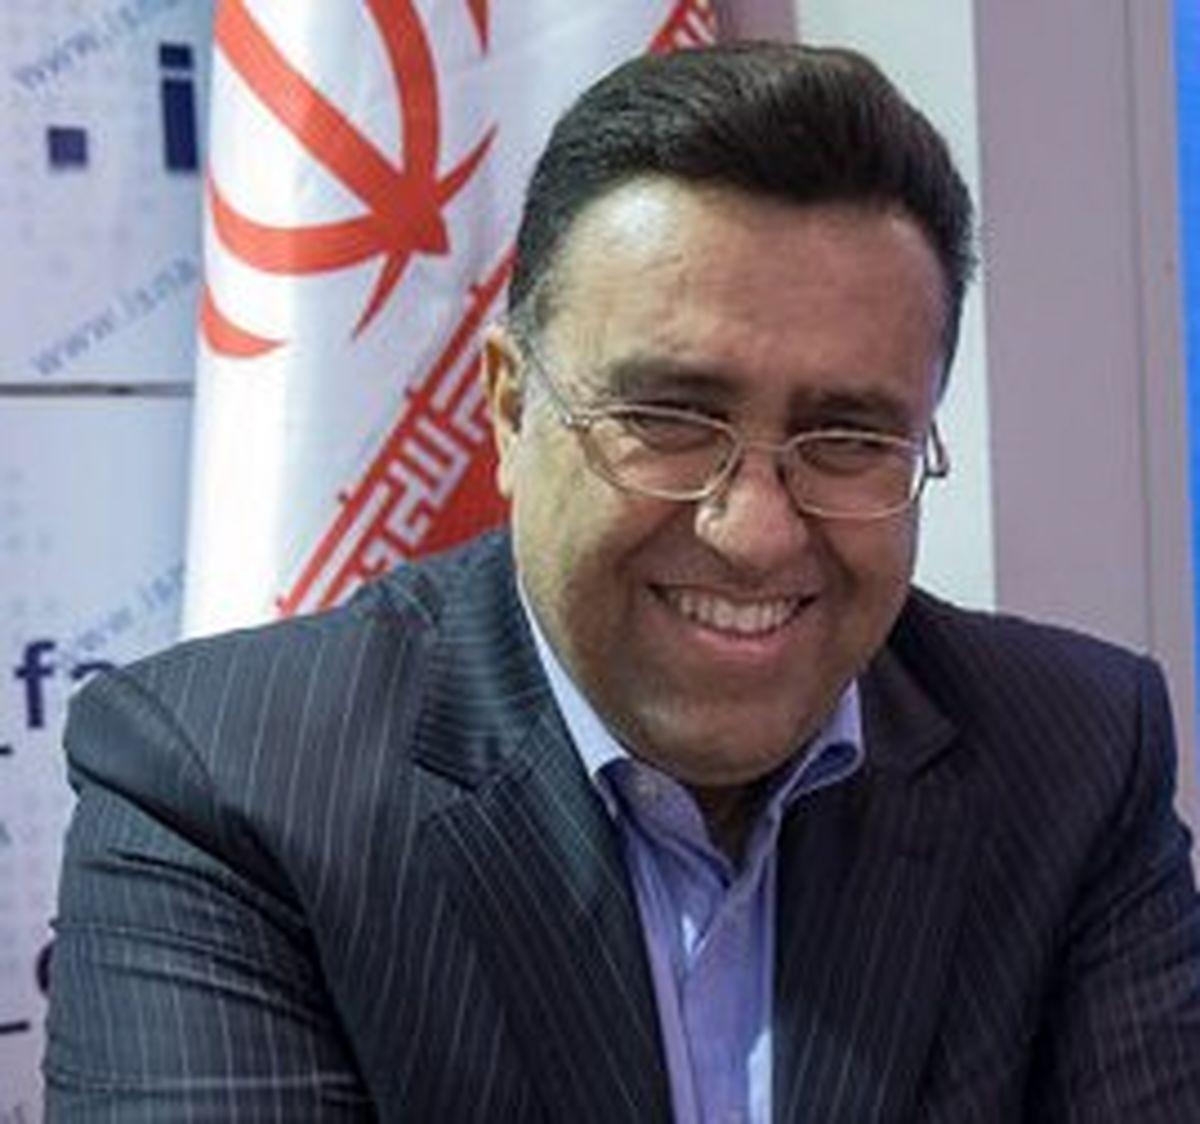 نماینده همتی در ستاد انتخابات: وزیر کشور اطمینان داد تا حقی ضایع نشود